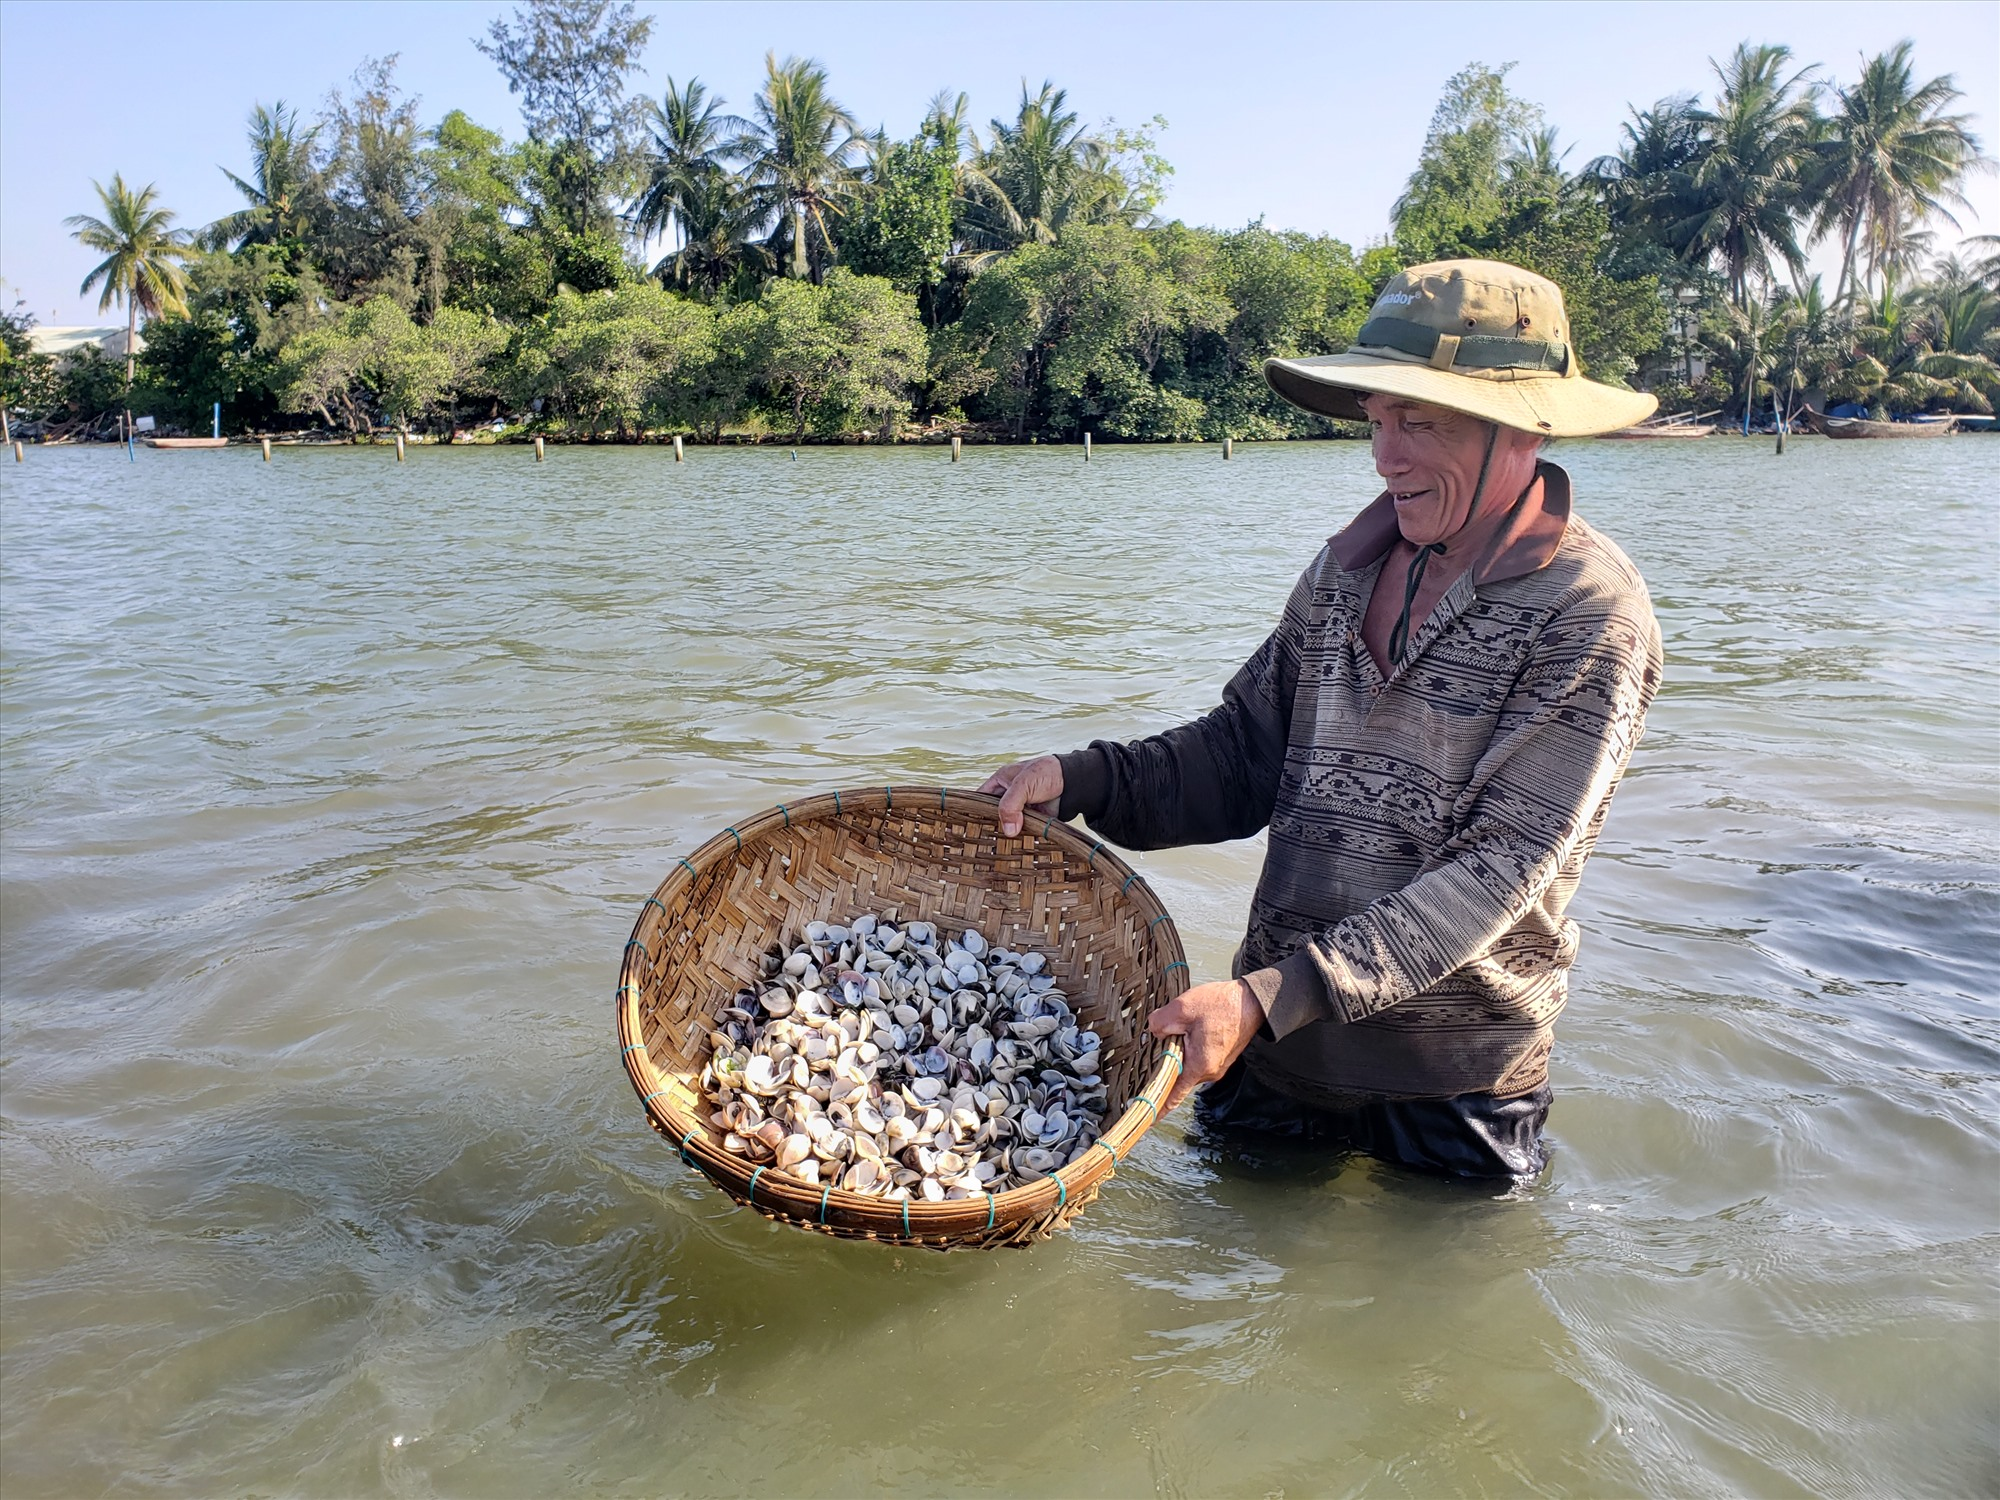 Nghêu nuôi ở sông Trường Giang chết hàng loạt. Ảnh: THANH THẮNG